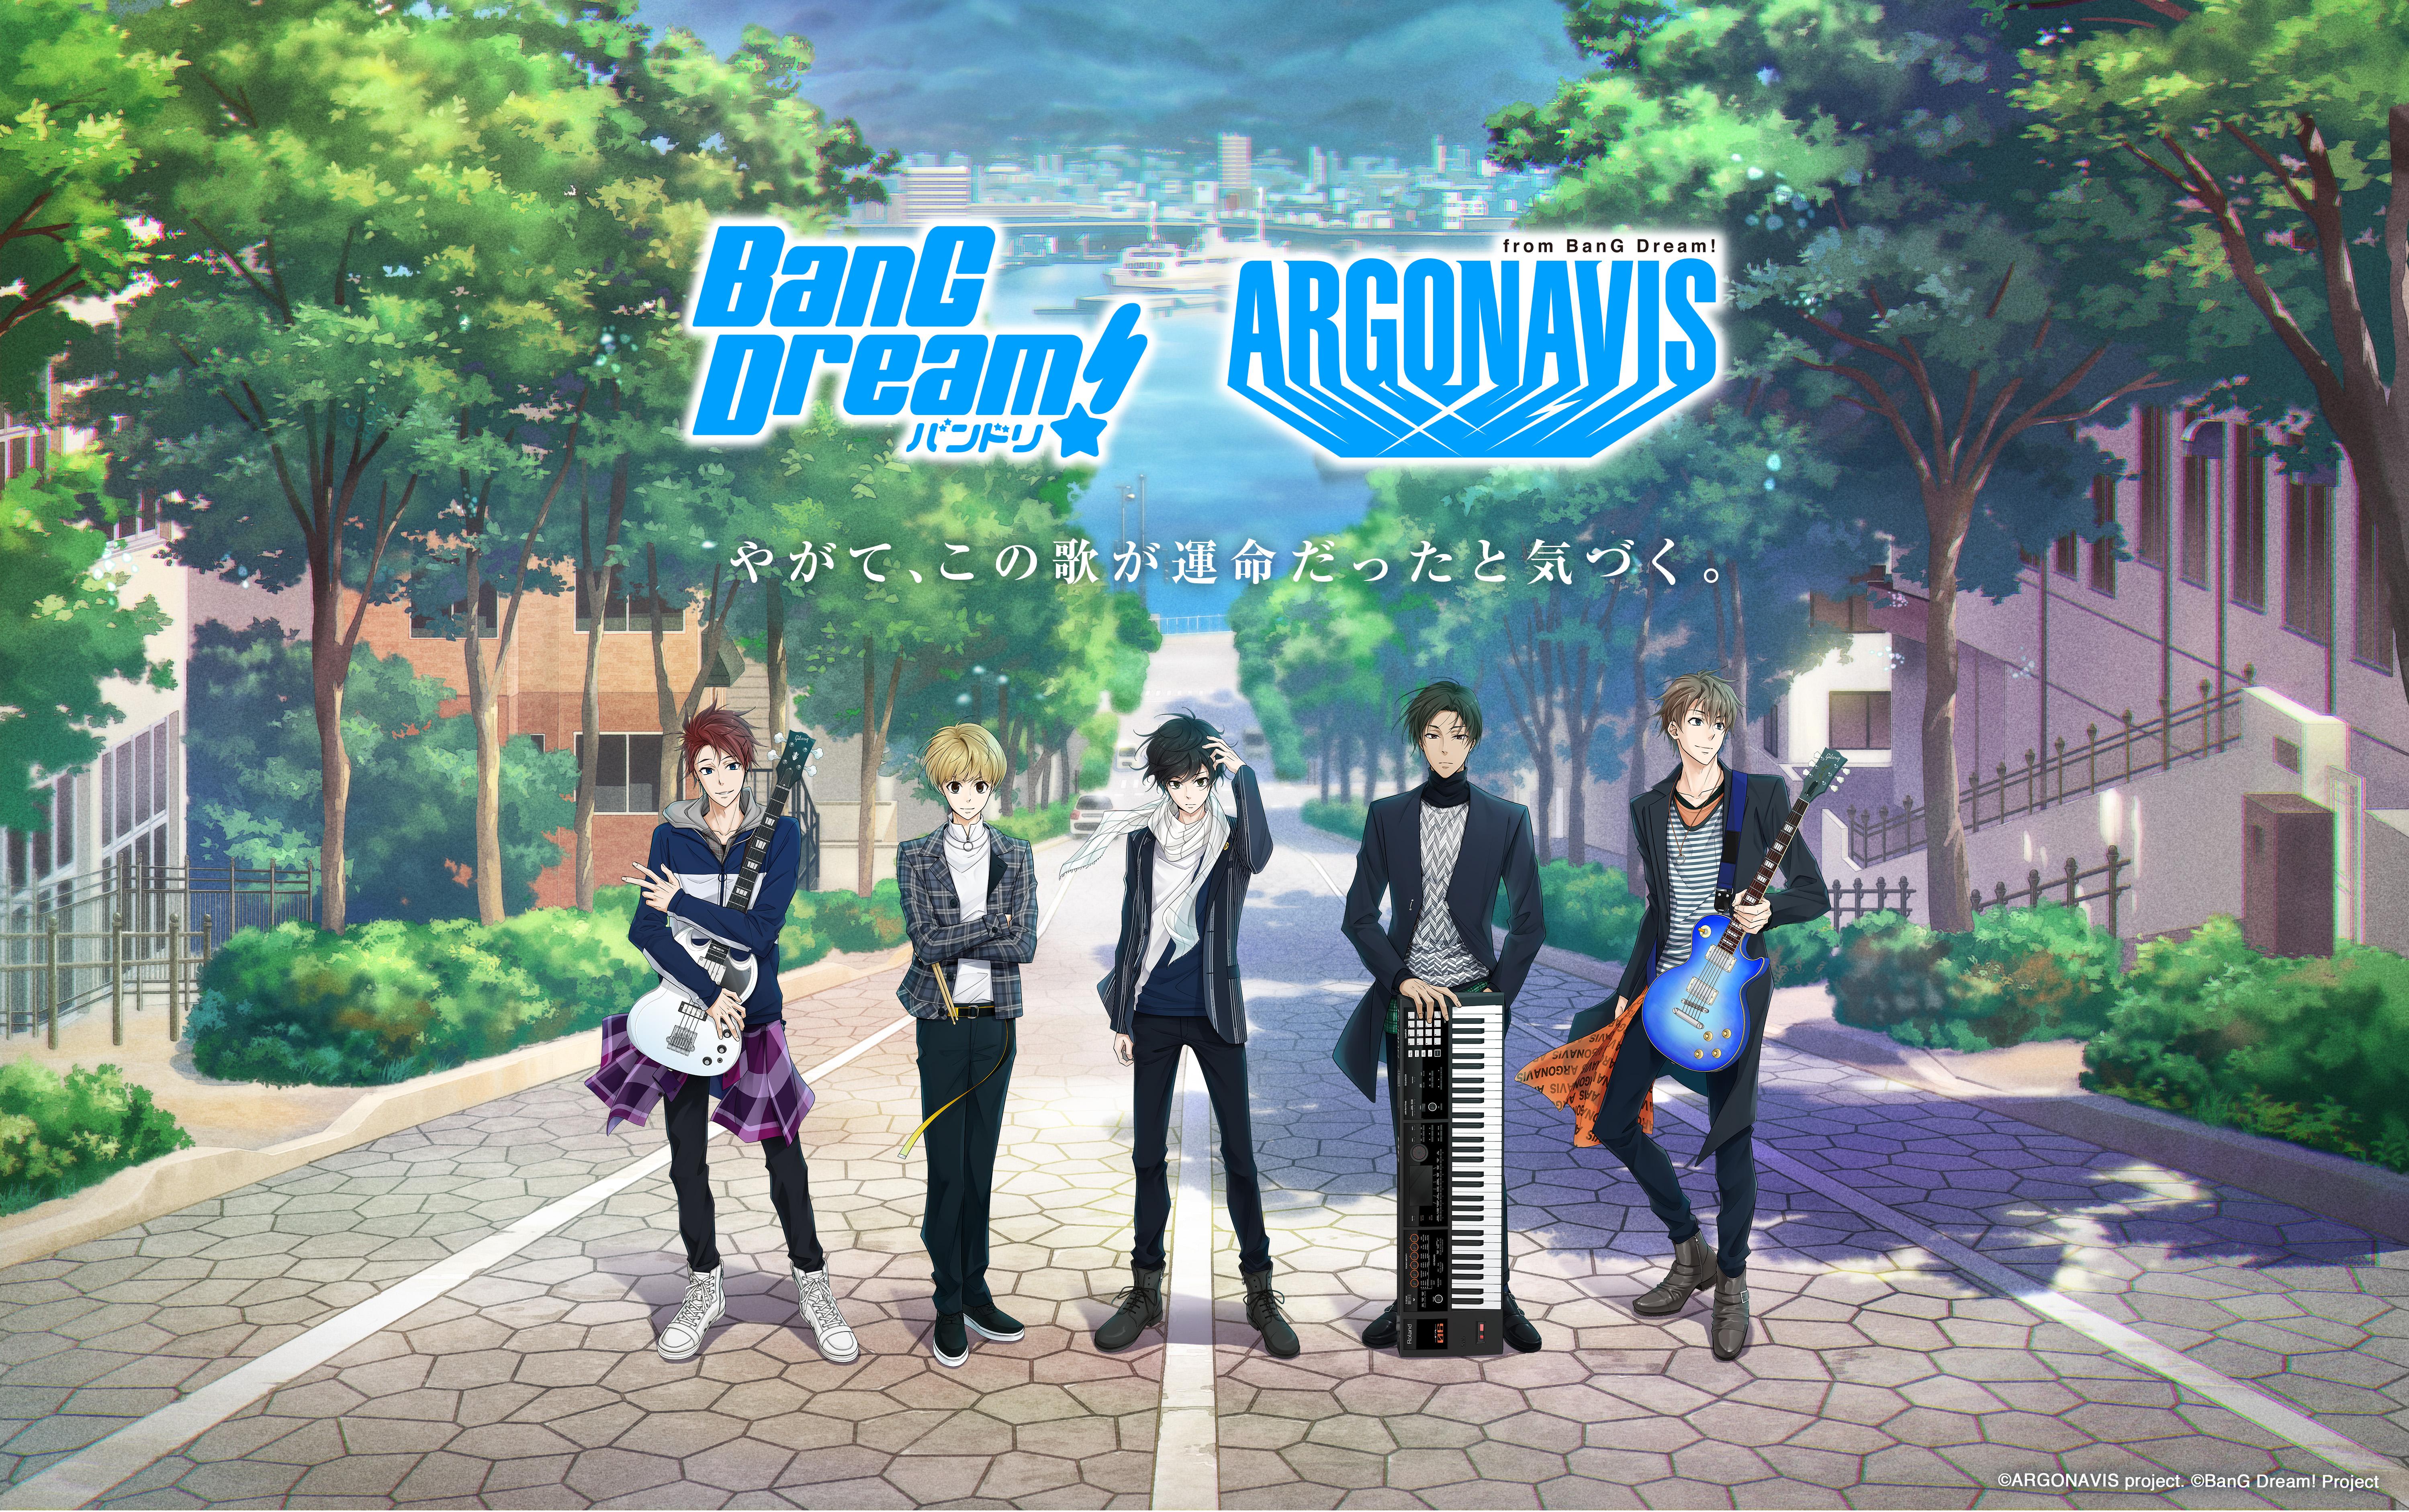 ARGONAVIS from BanG Dream!